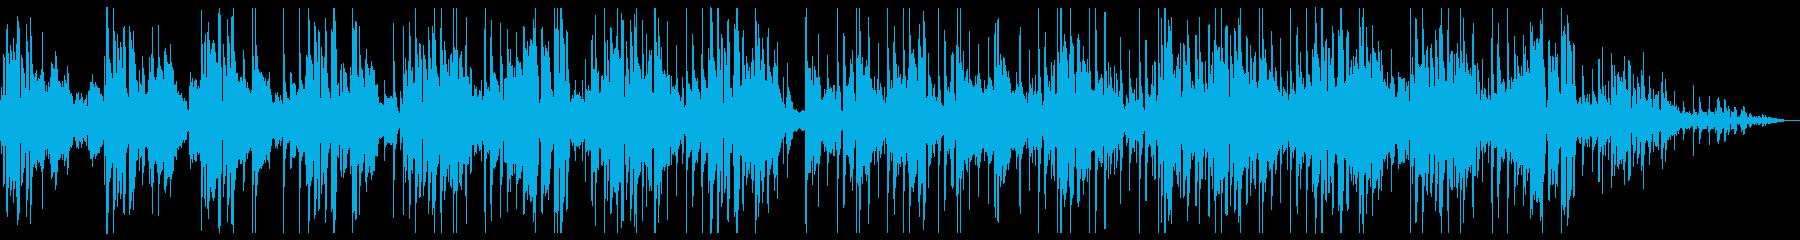 サックスとエレピのおしゃれなチルホップの再生済みの波形